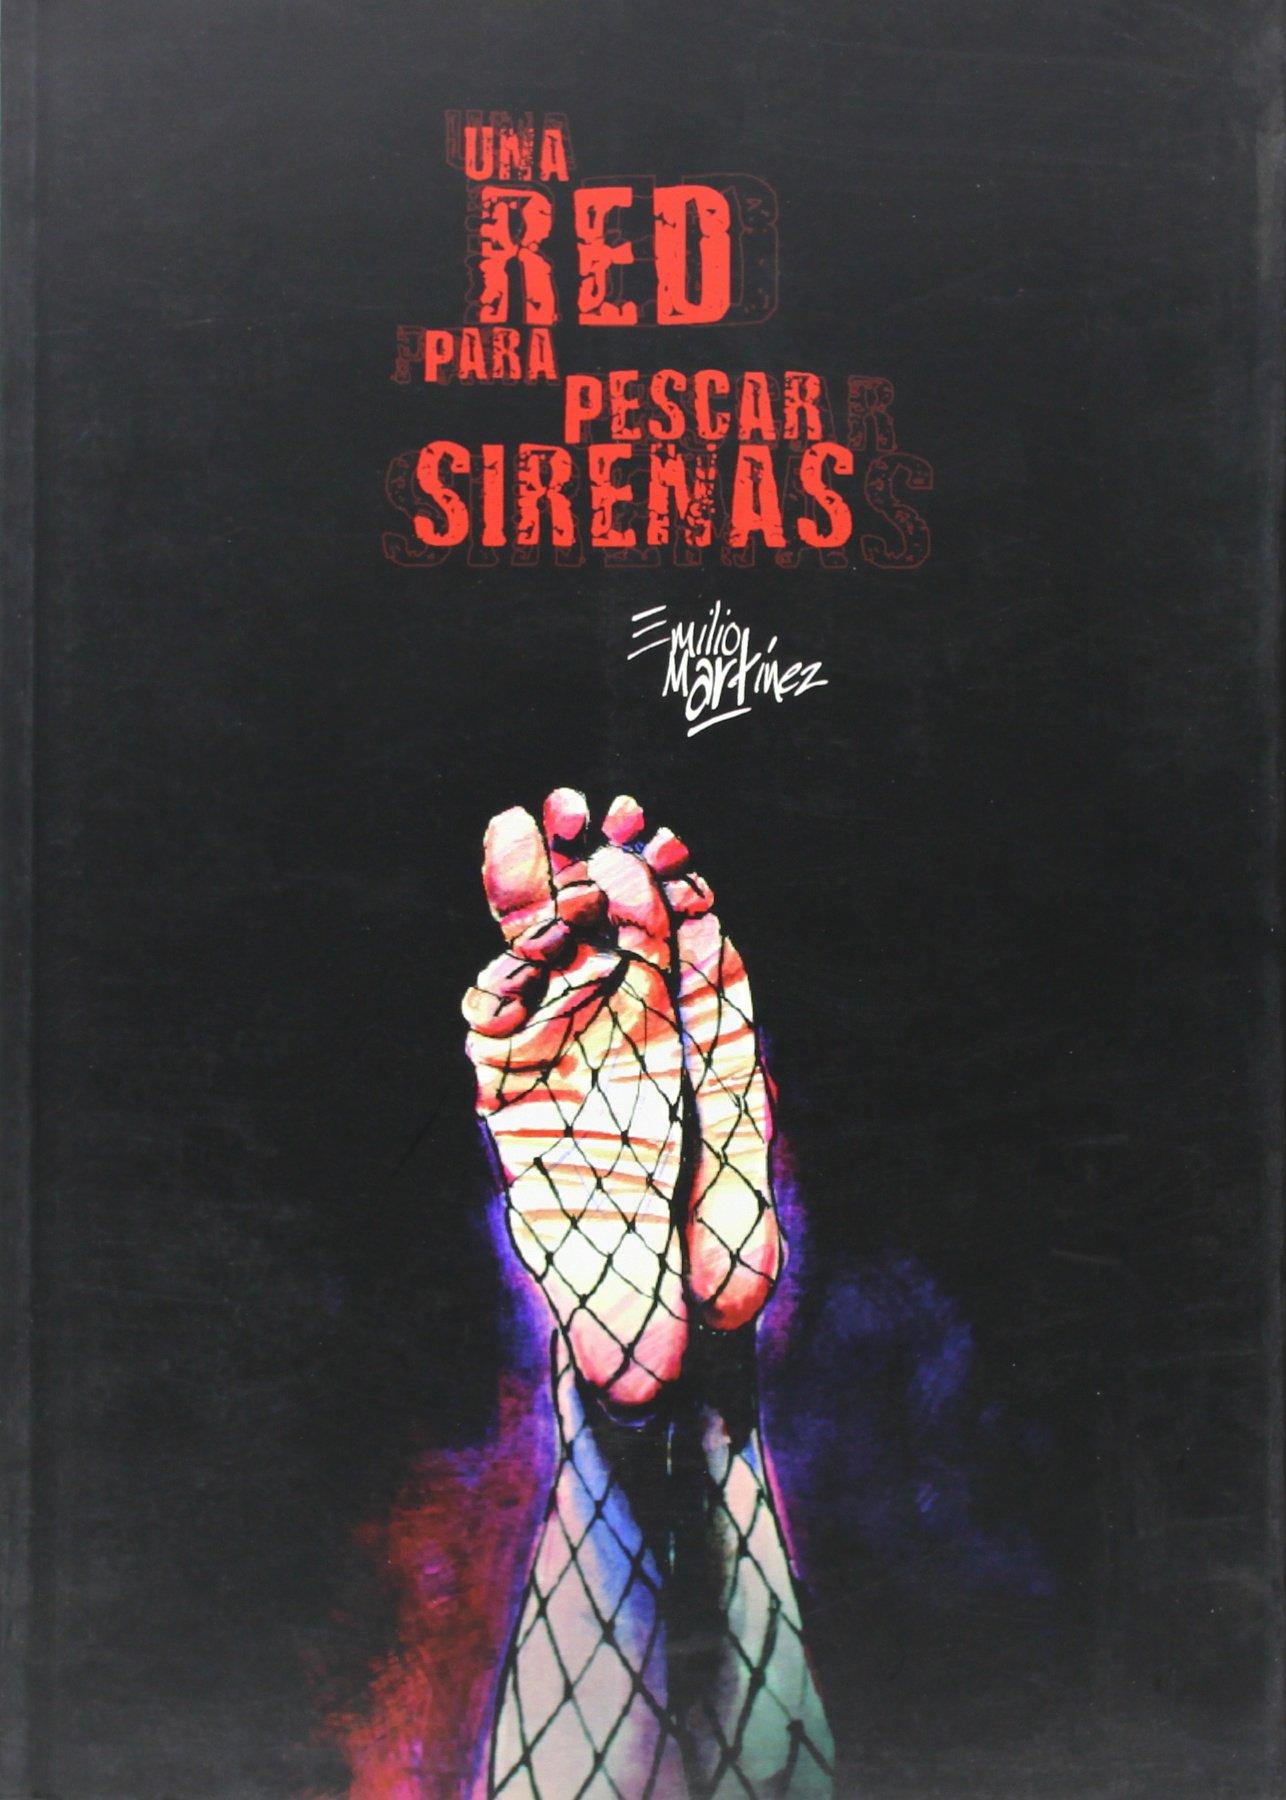 Una red para pescar sirenas (Sol y sombra): Amazon.es: Emilio Martínez González, Paco Camarasa: Libros